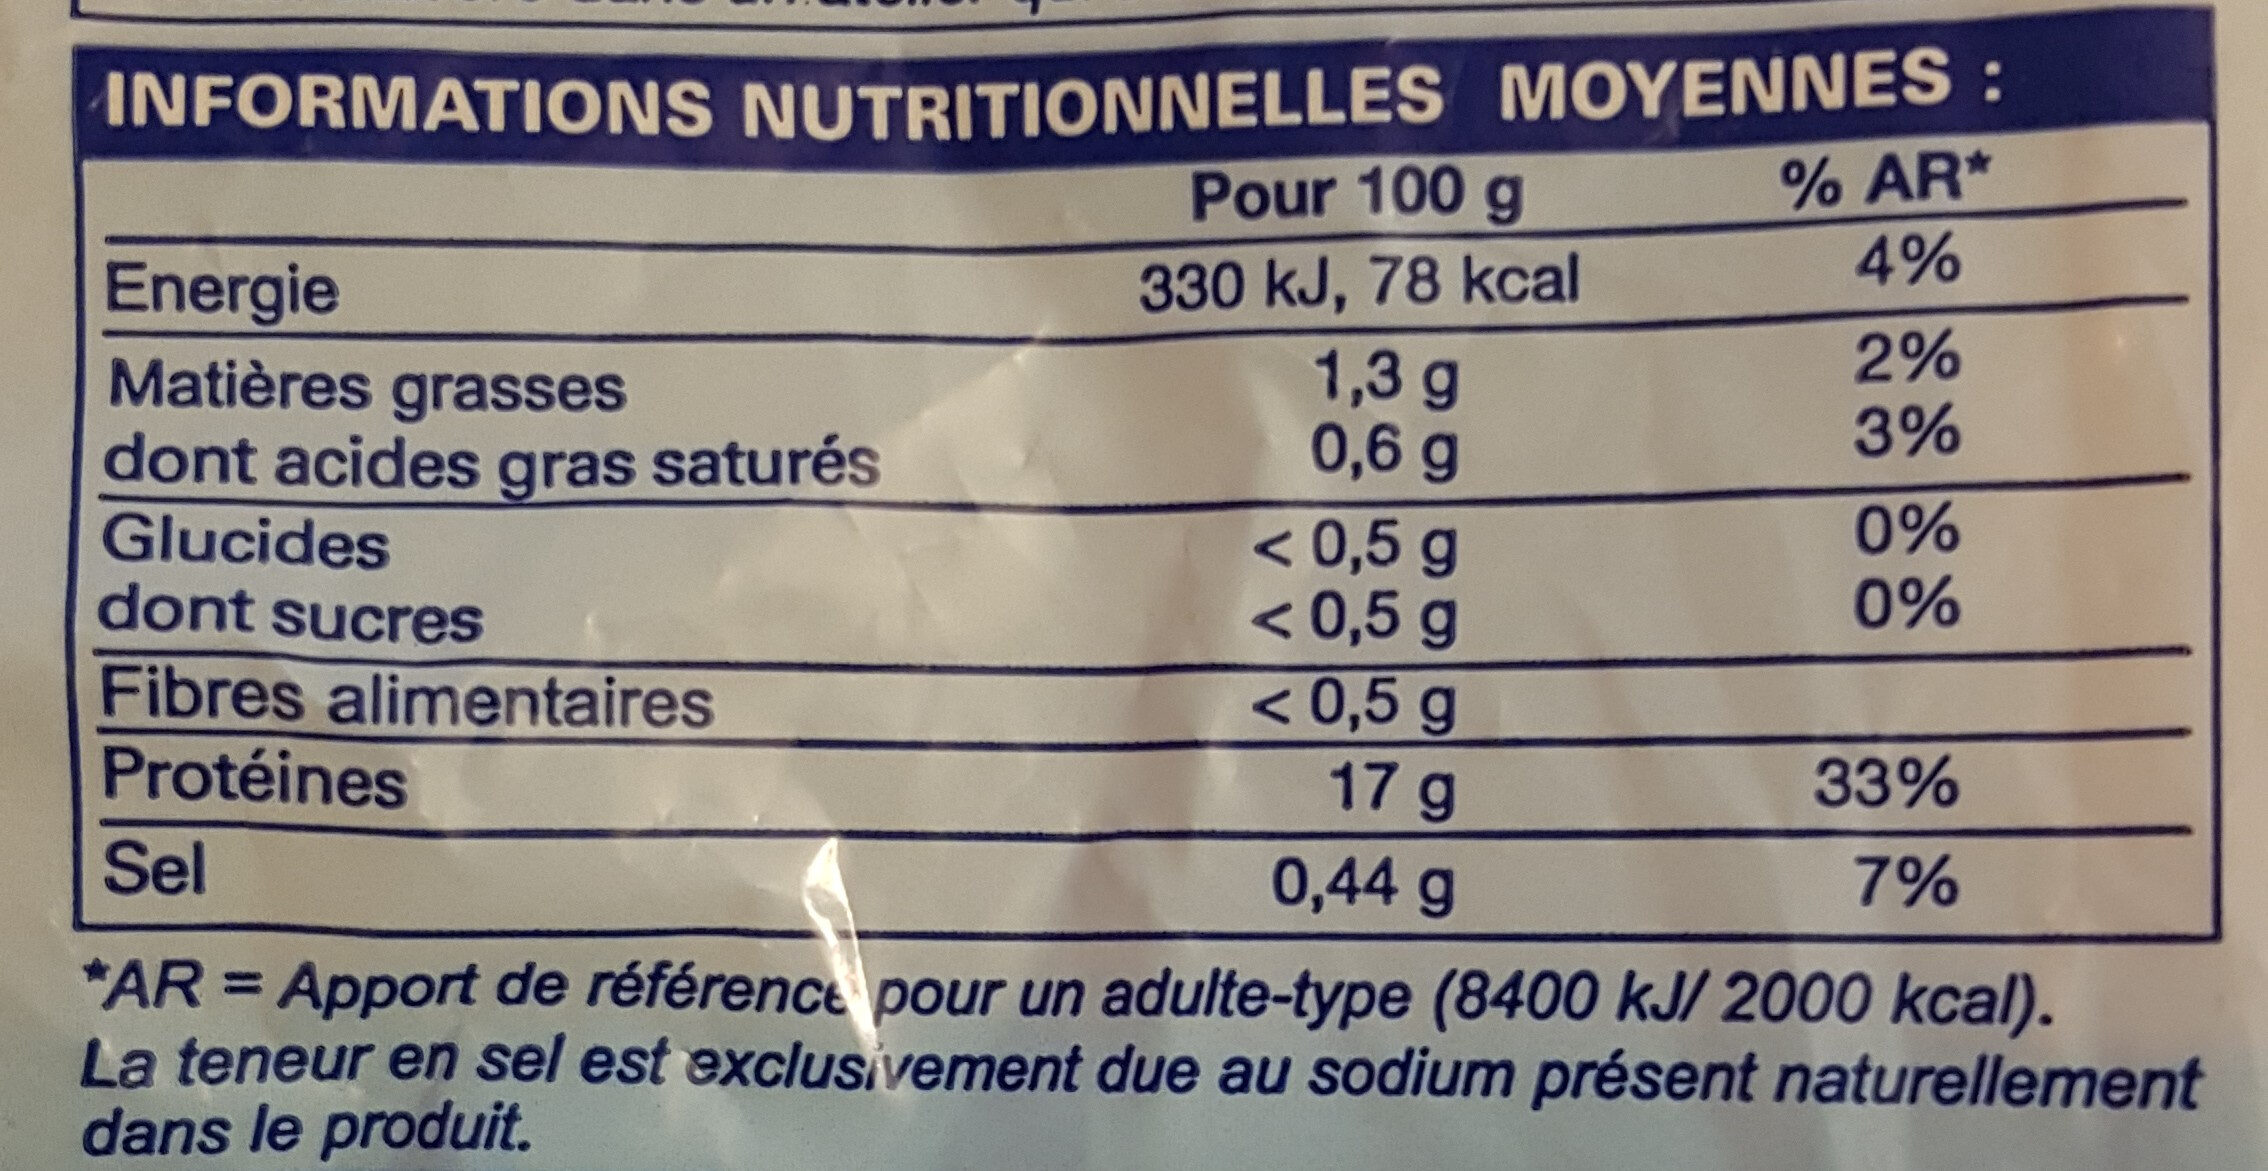 Filets de rouget-barbet Cinnabare - Voedingswaarden - fr